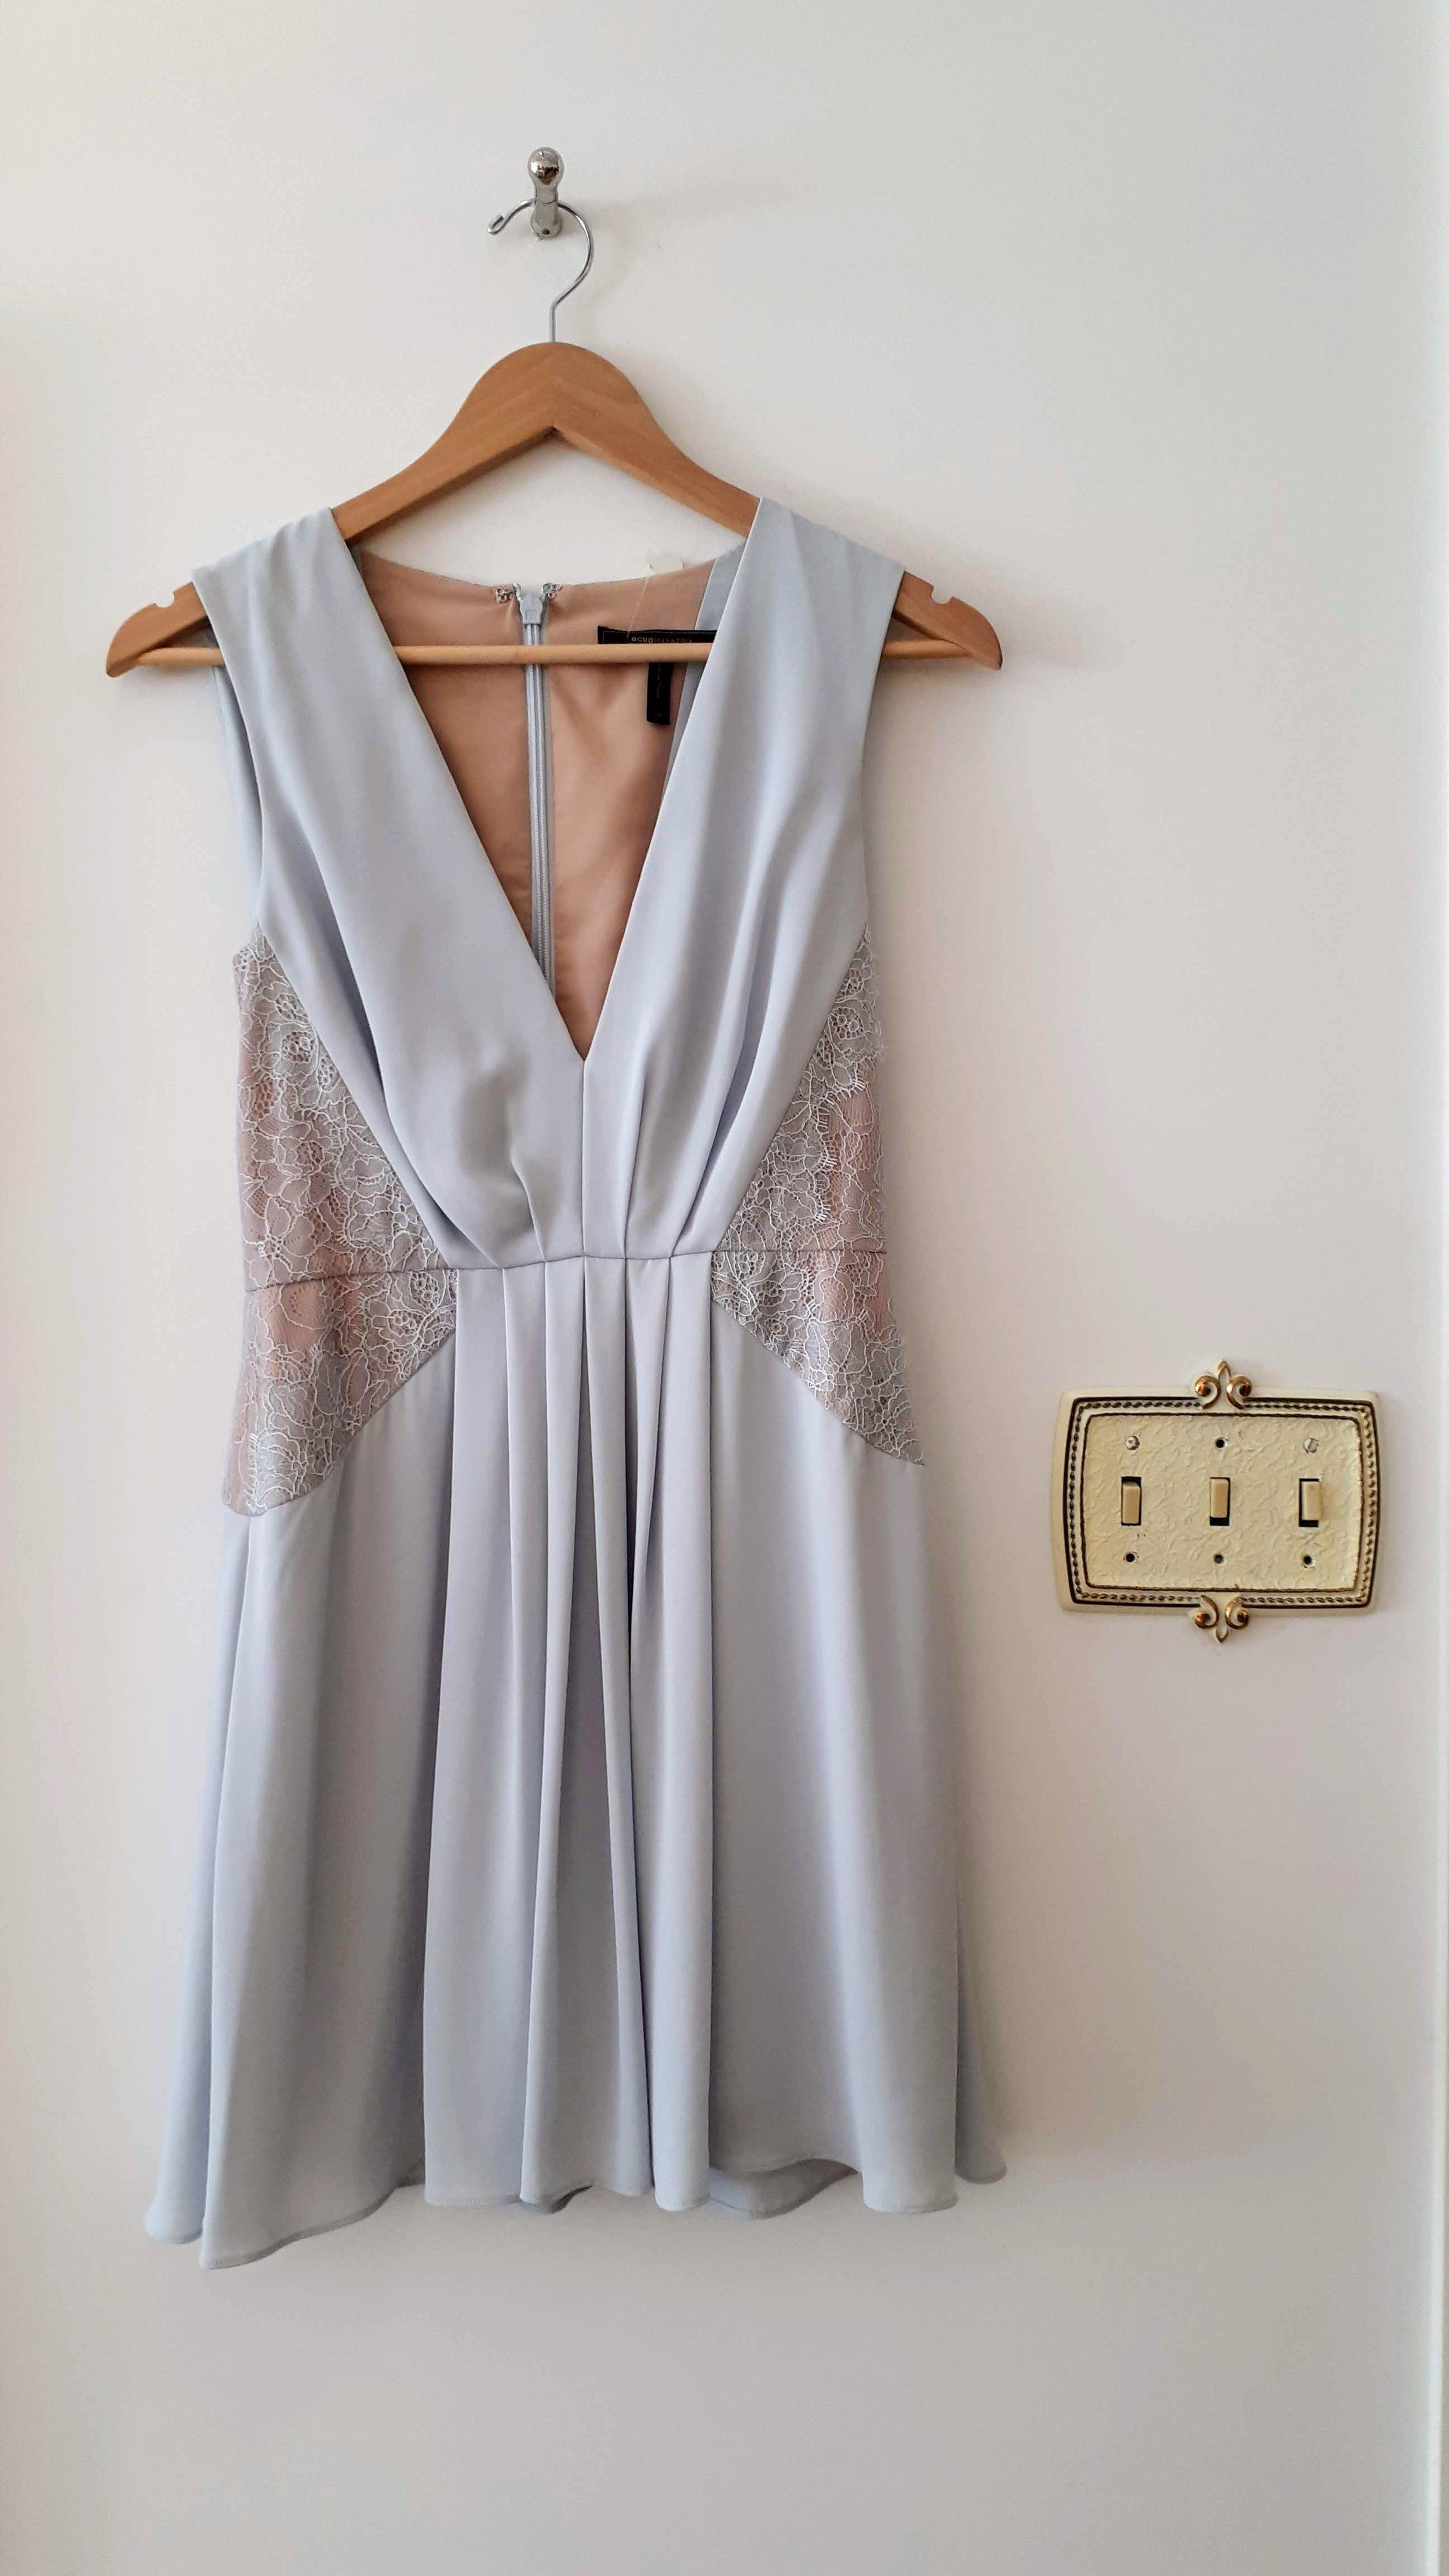 BCBG dress; Size 6, $52 (on sale $26!)